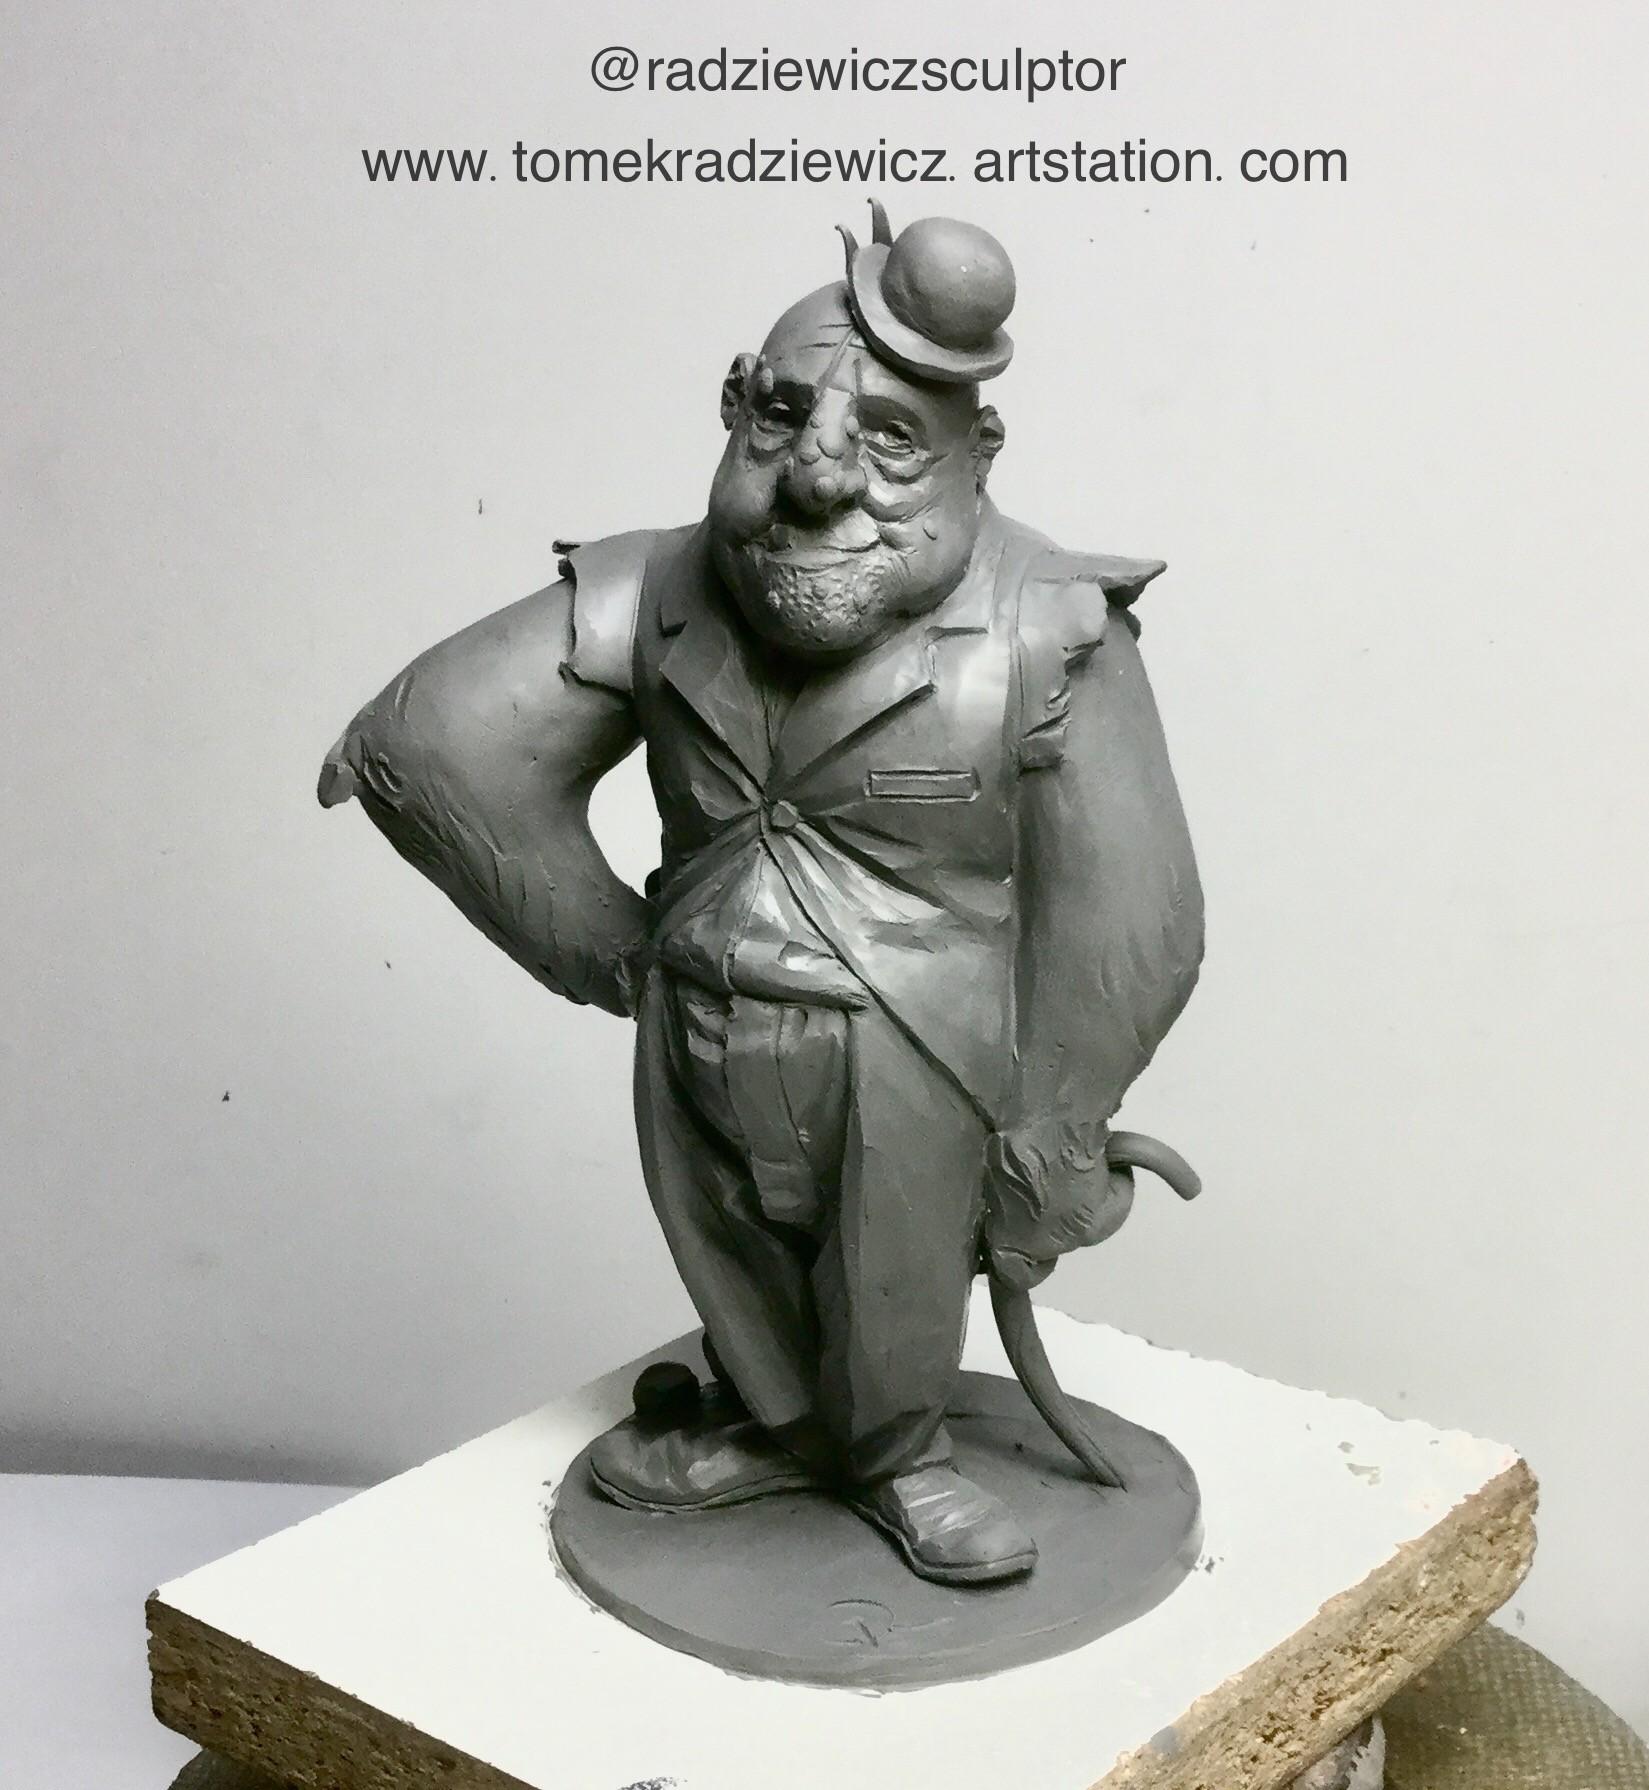 Tomek radziewicz 2ea037b1 9293 4ex 9780 b9817f272311